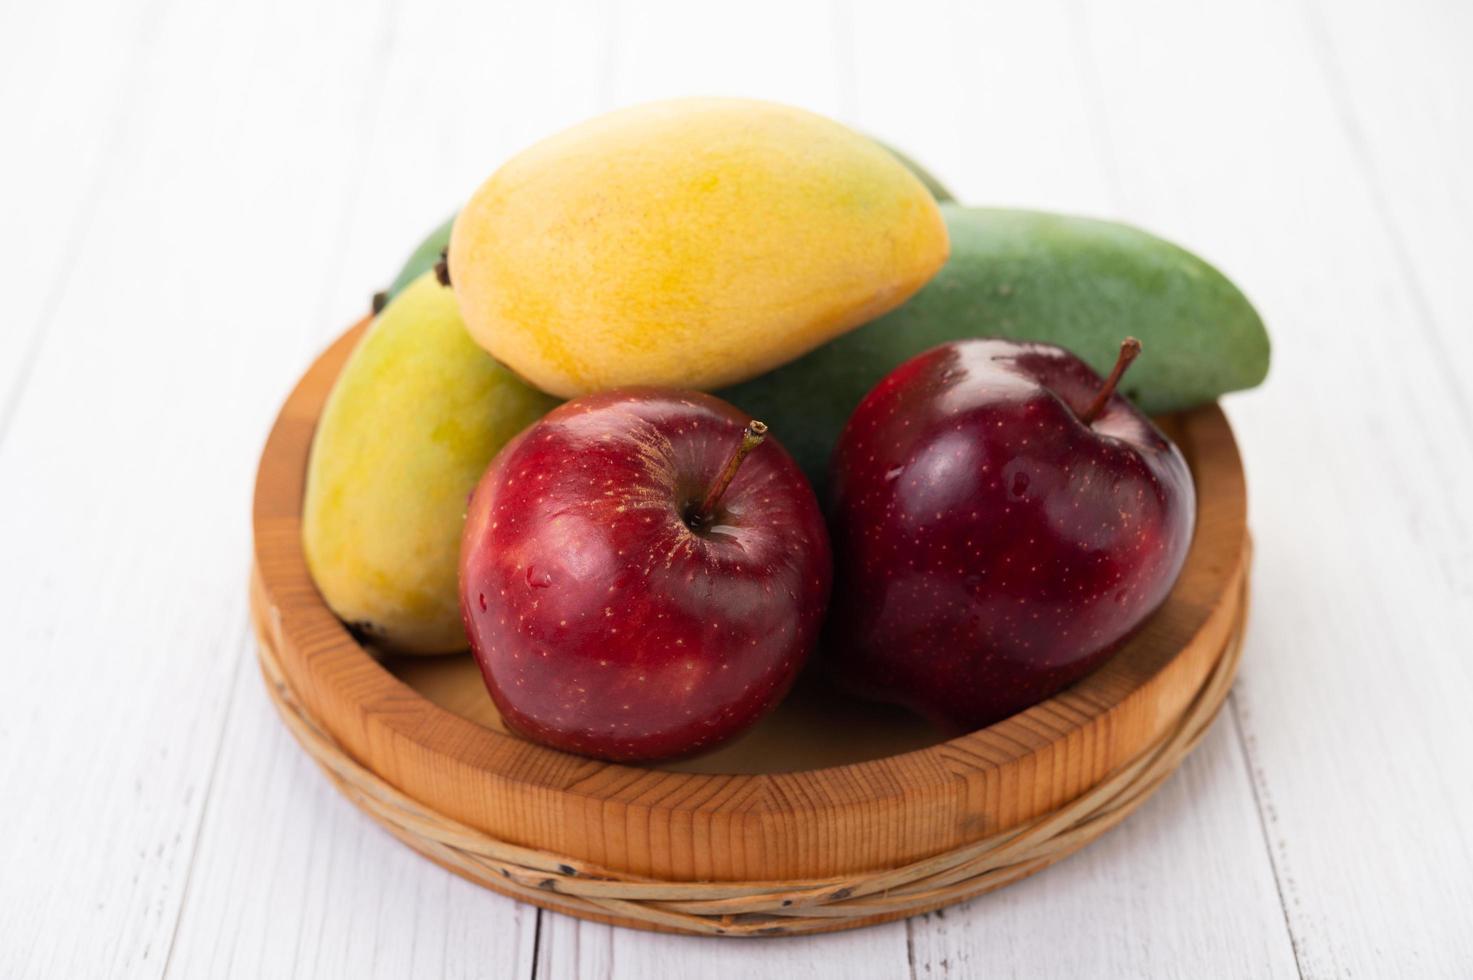 Äpfel und Mangos in einer Holzschale foto